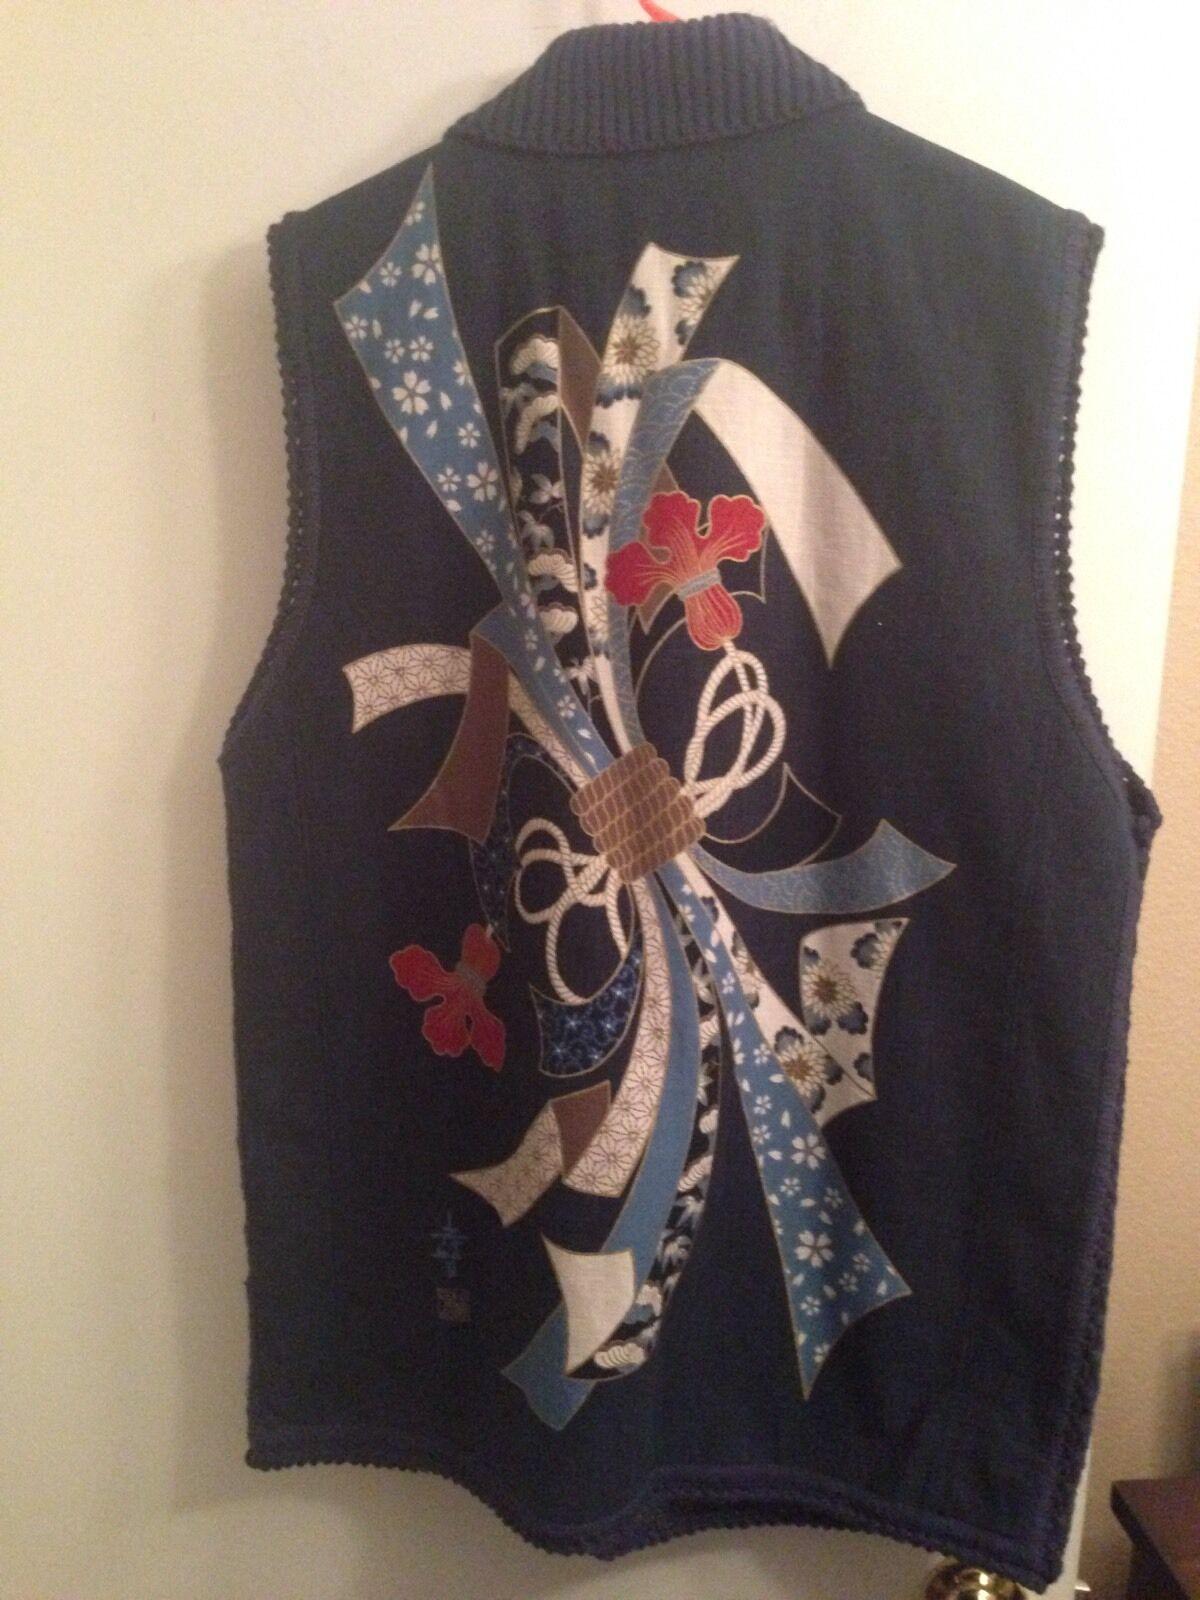 (kein Tag) Japanisch XL Blau, Mit Grafik, Baumwollmischung Fleece Ethnic Outdoor Weste